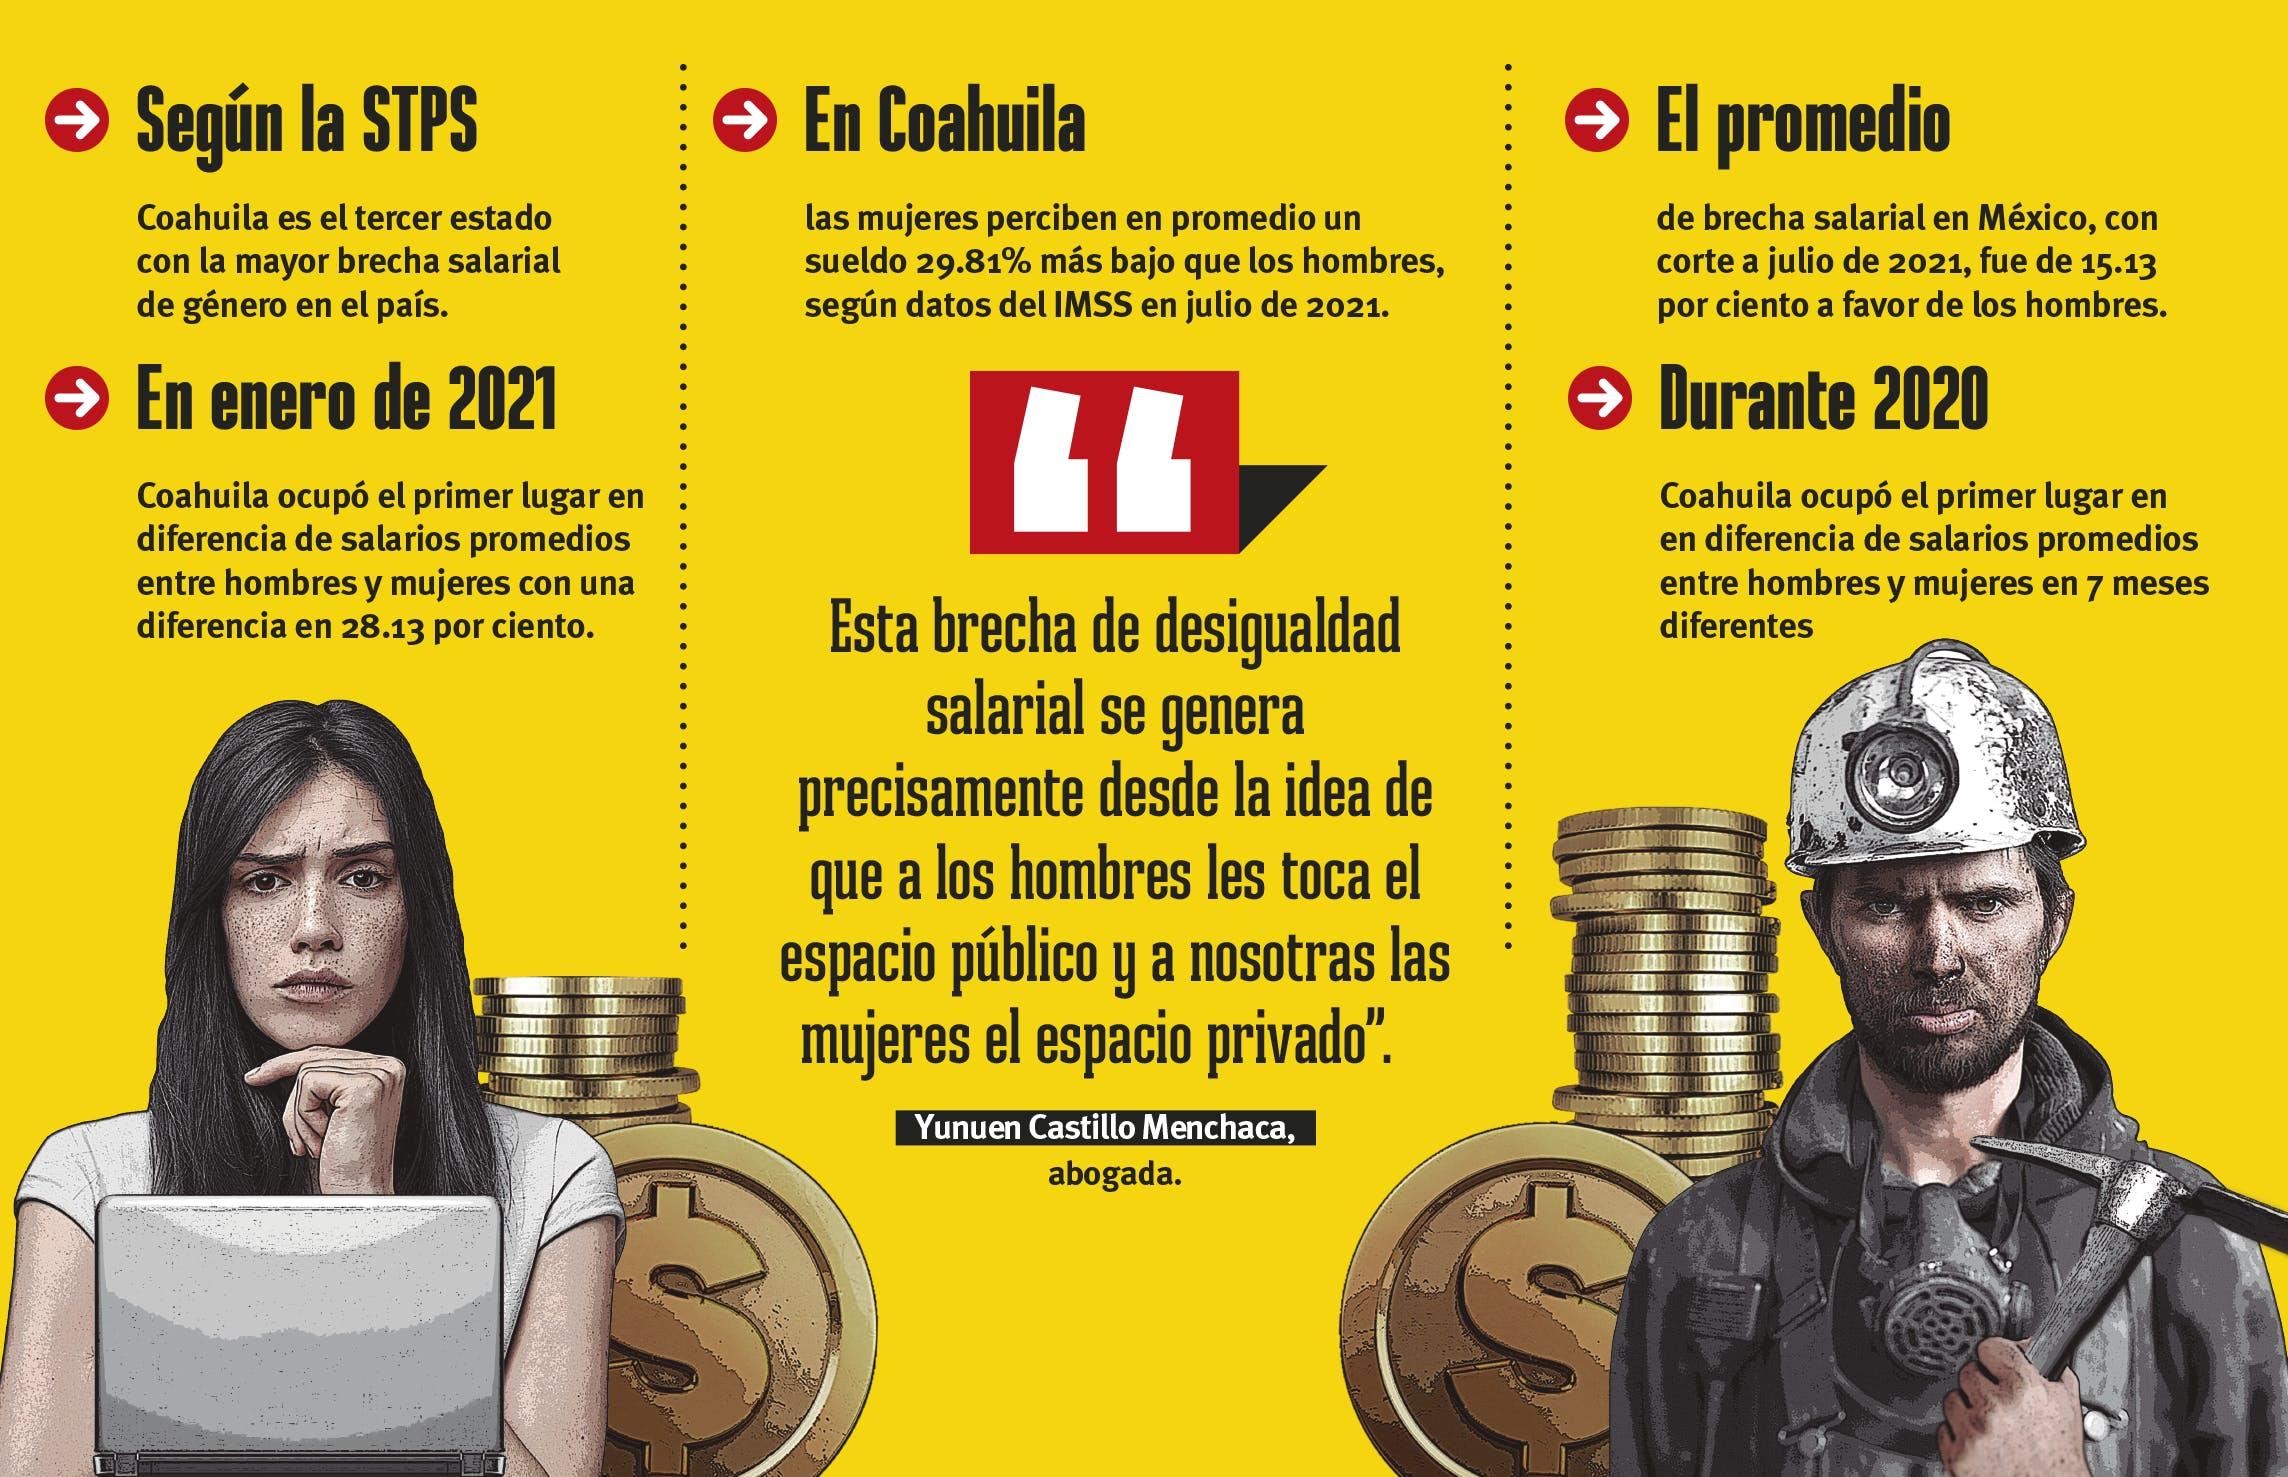 Grafica explicativa de la diferencia salarial entre hombres y mujeres en coahuila